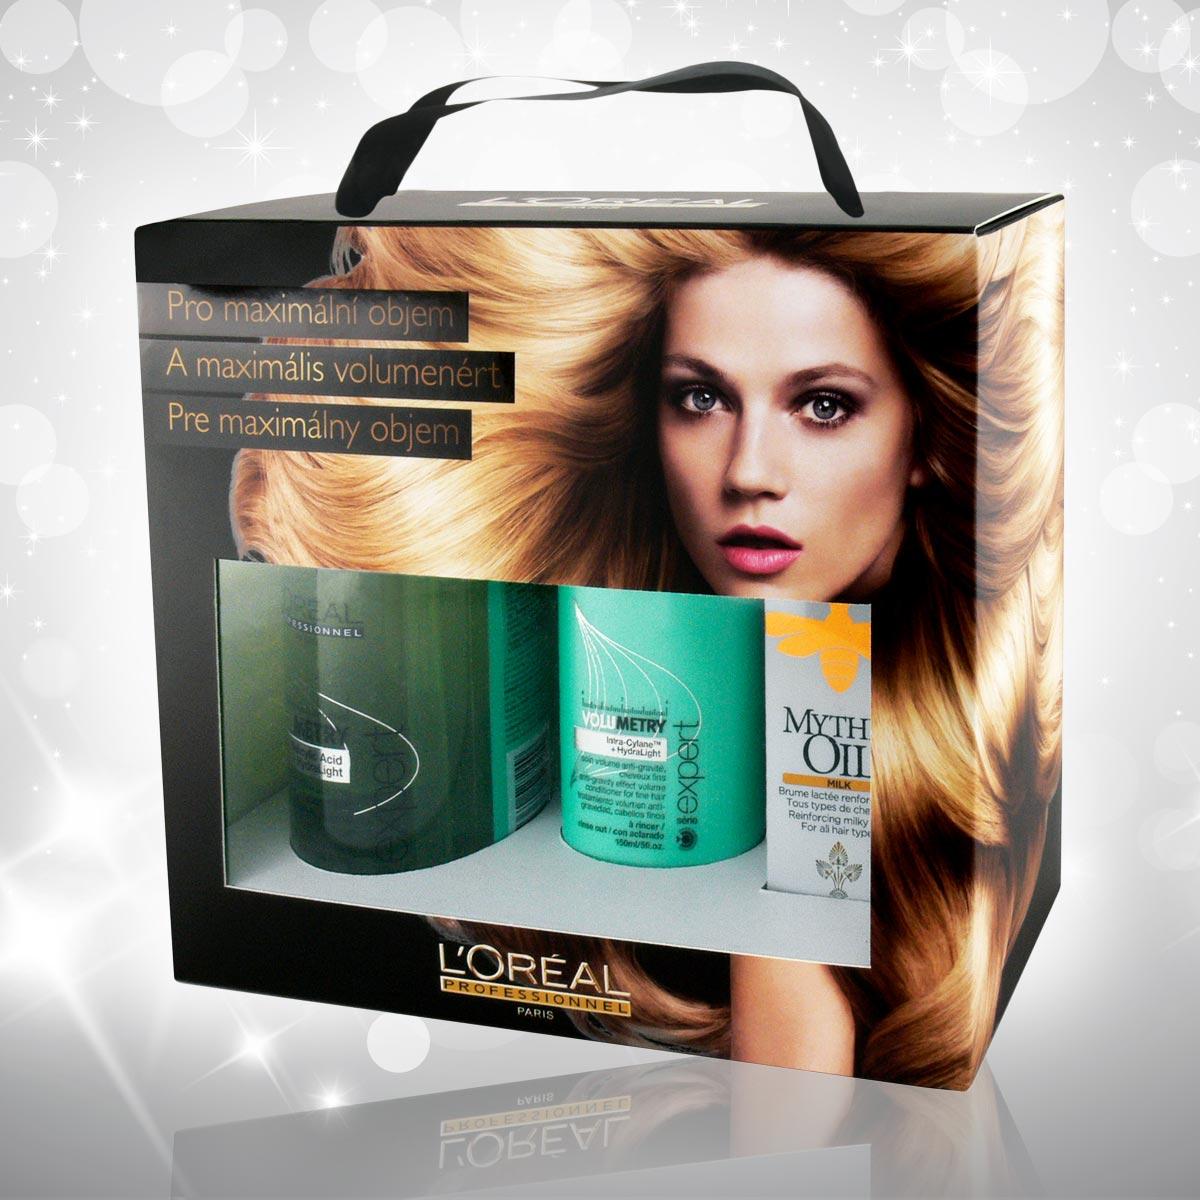 Vánoční dárky L'Oréal Professionnel 2014 –Volumetry pro maximální objem.